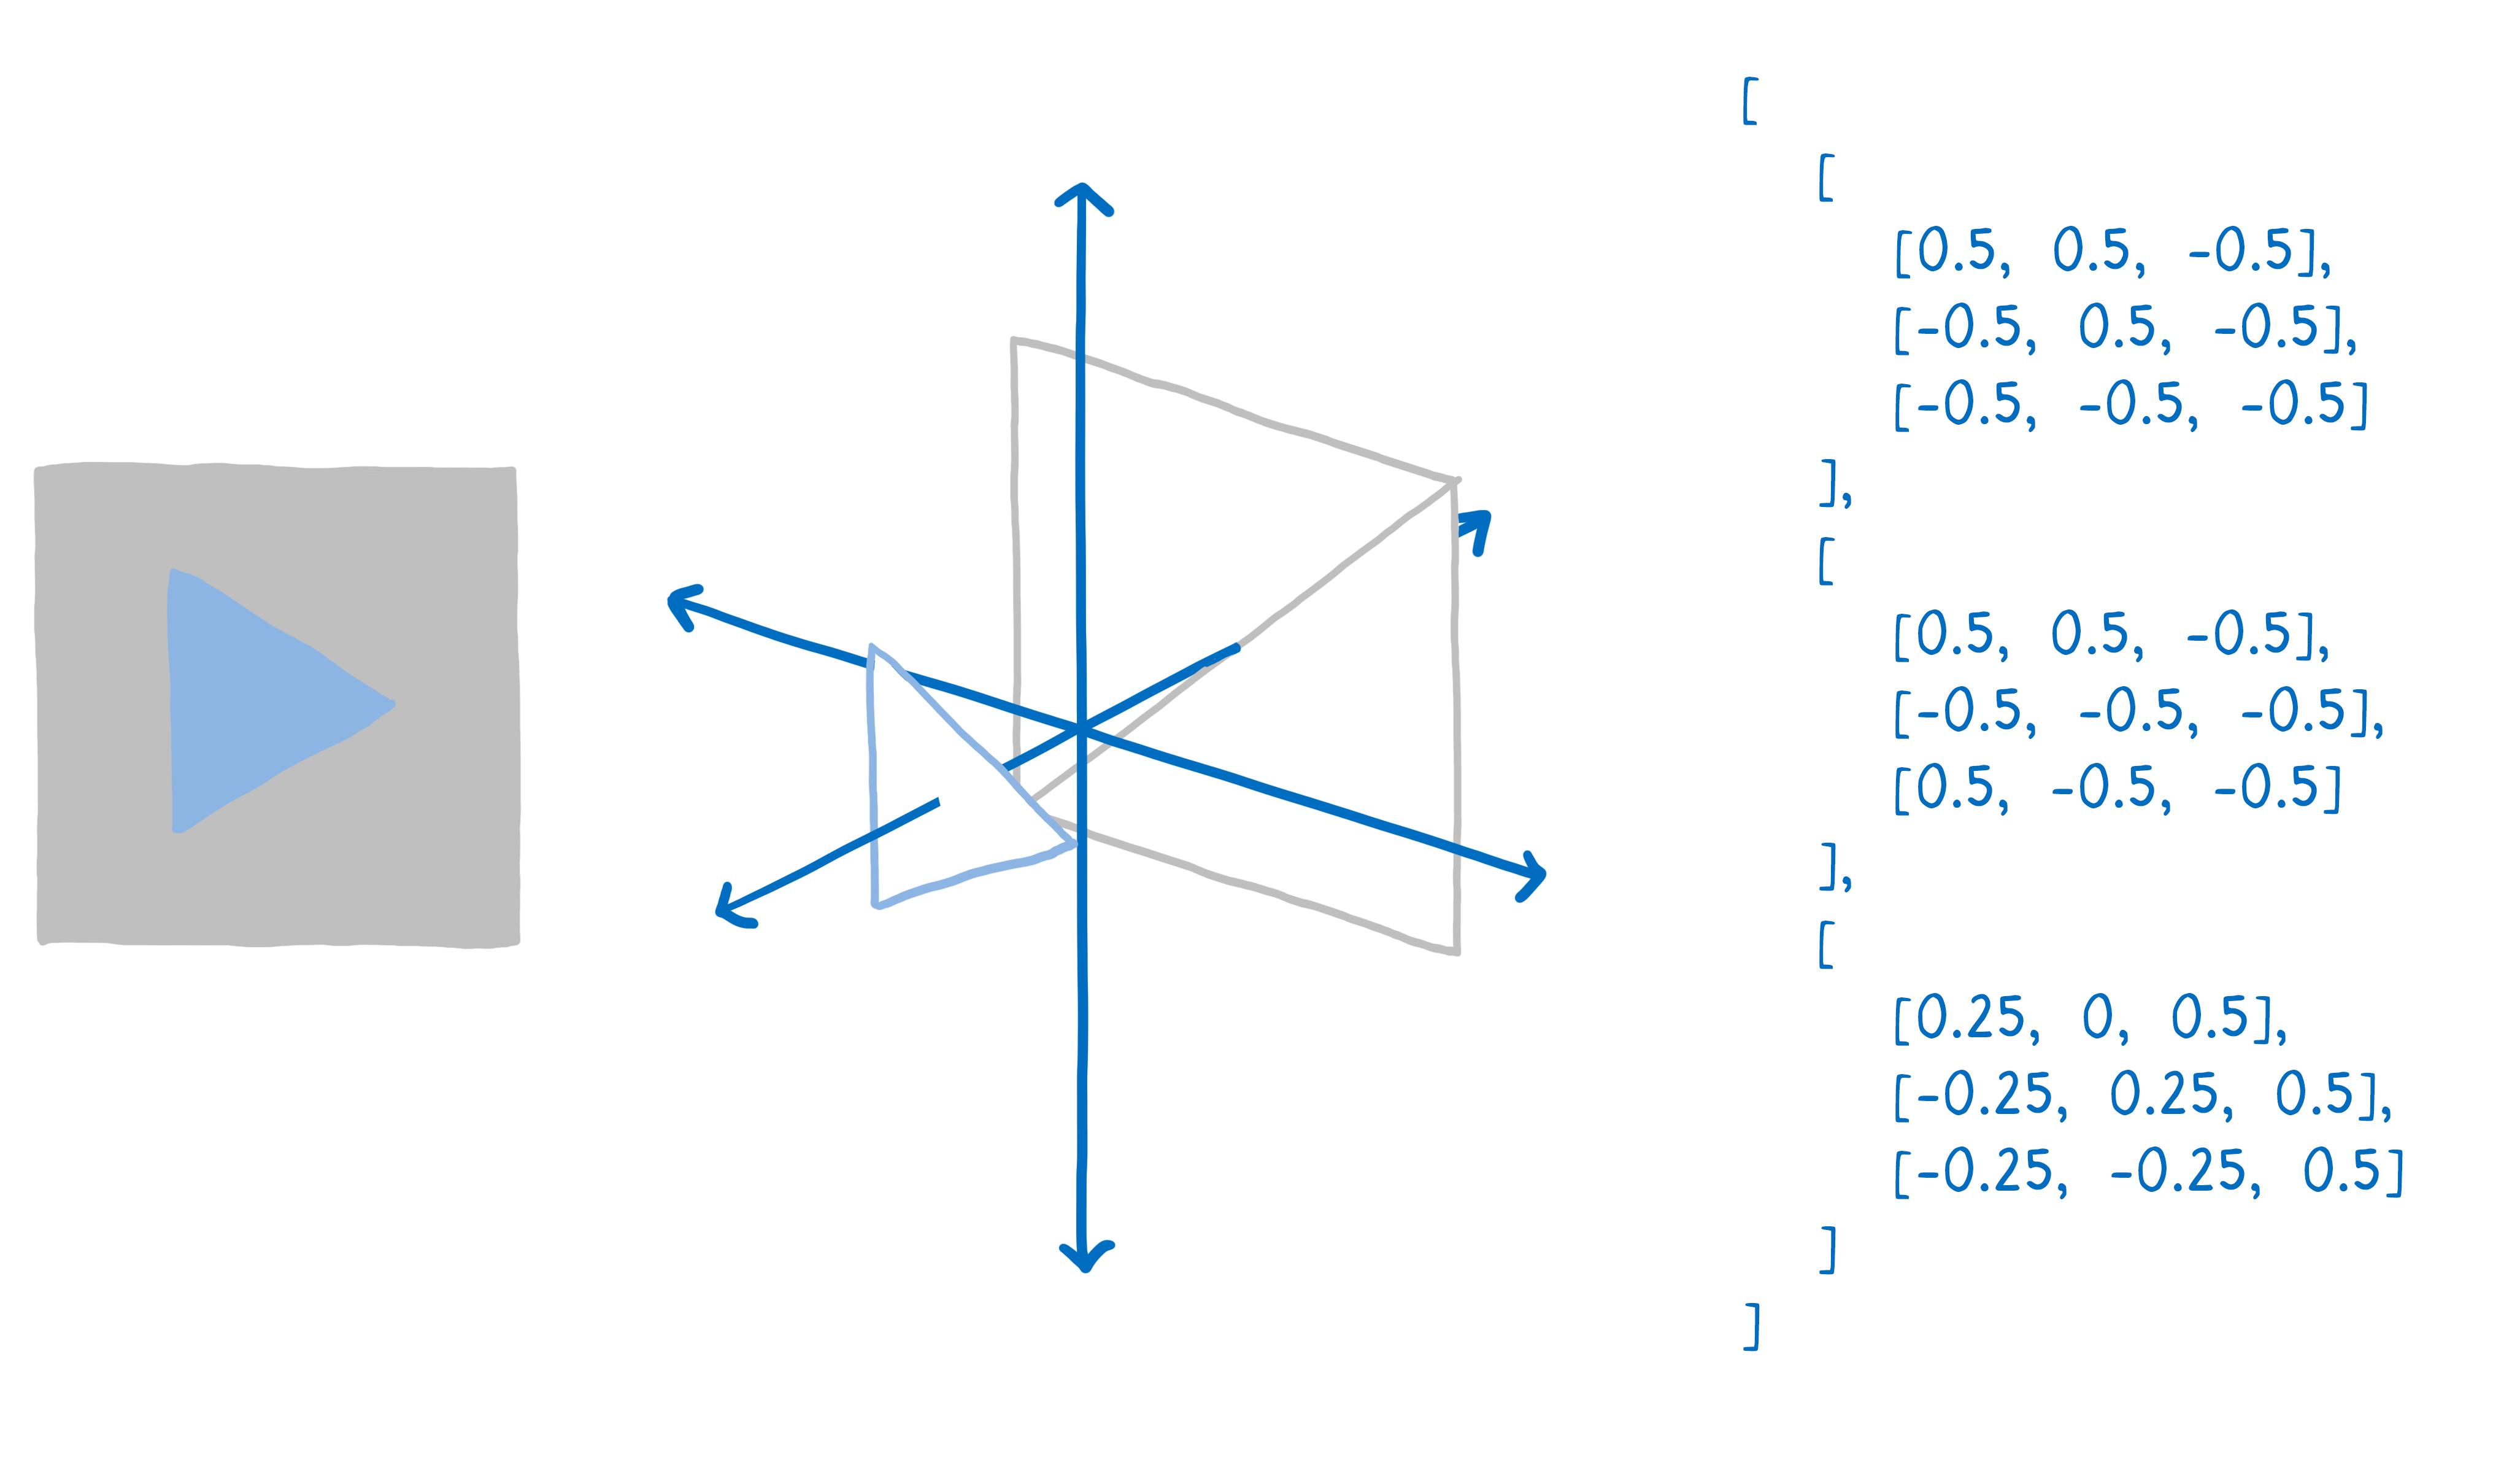 Graphe en 3D représentant un triangle avec une matrice de coordonnées sur le côté